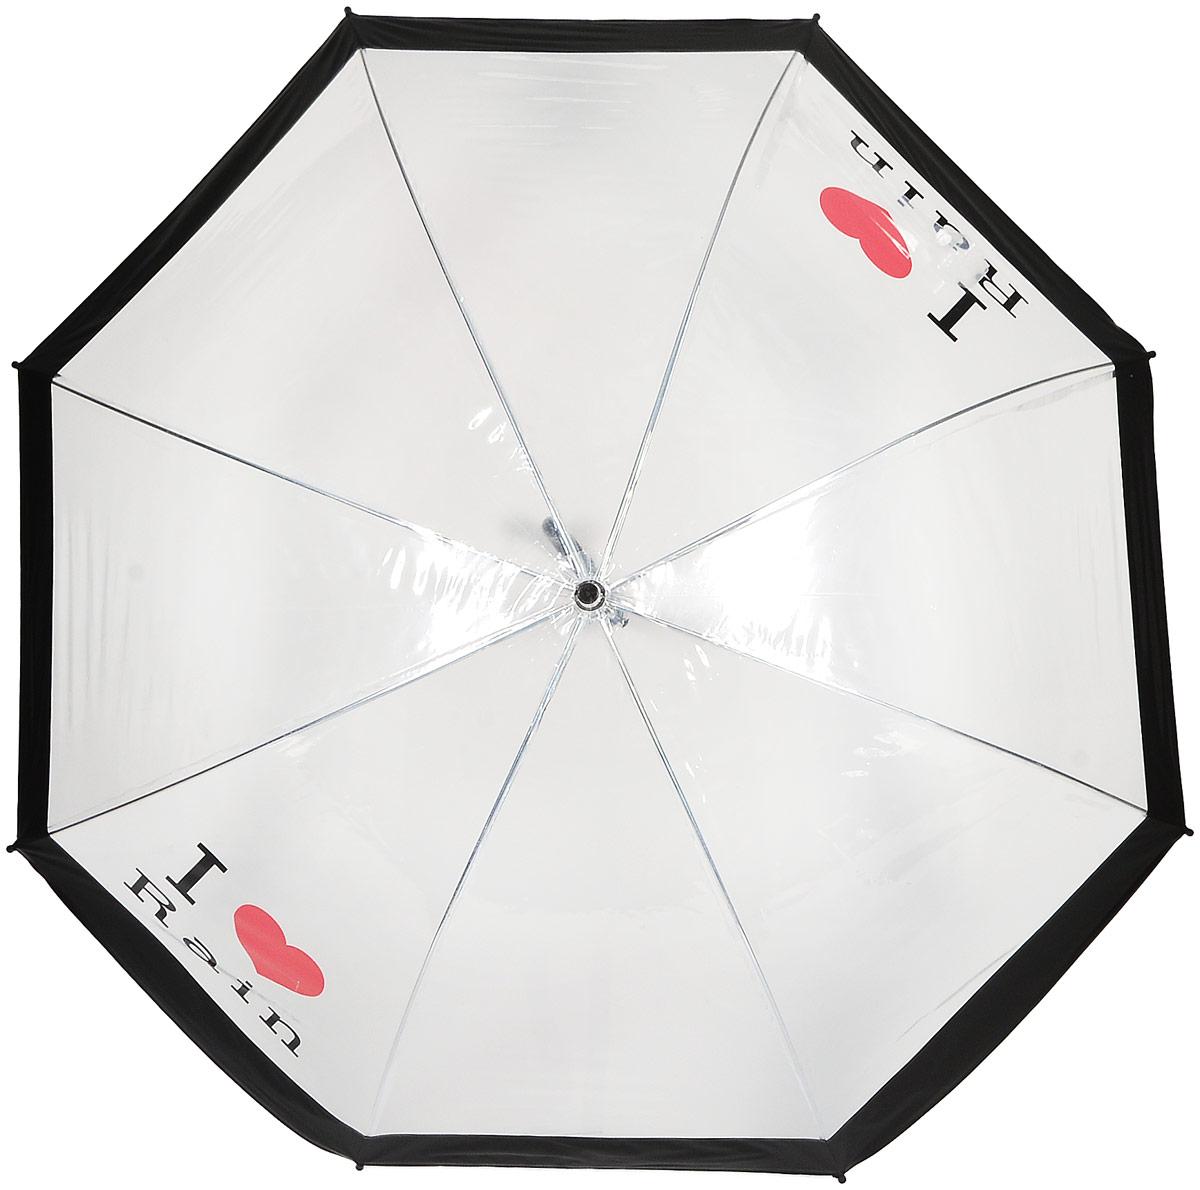 Зонт женский Kawaii Factory, цвет: прозрачный. KW042-000057KW042-000057Элегантный прозрачный зонт-трость от Kawaii Factory с надписью I love rain и глубоким куполом позволит вам выглядеть стильно в ненастную погоду. Зонт состоит из стержня и 8 спиц, изготовленных из металла. Купол изготовлен из качественного ПВХ, который надежно защитит вас от дождя. Зонт дополнен удобной ручкой из пластика, которая выполнена в виде крючка. Также зонт имеет пластиковый наконечник, который устраняет попадание воды на стержень и уберегает зонт от повреждений. Изделие имеет полуавтоматический механизм сложения: купол открывается нажатием кнопки на ручке, а складывается вручную до характерного щелчка.